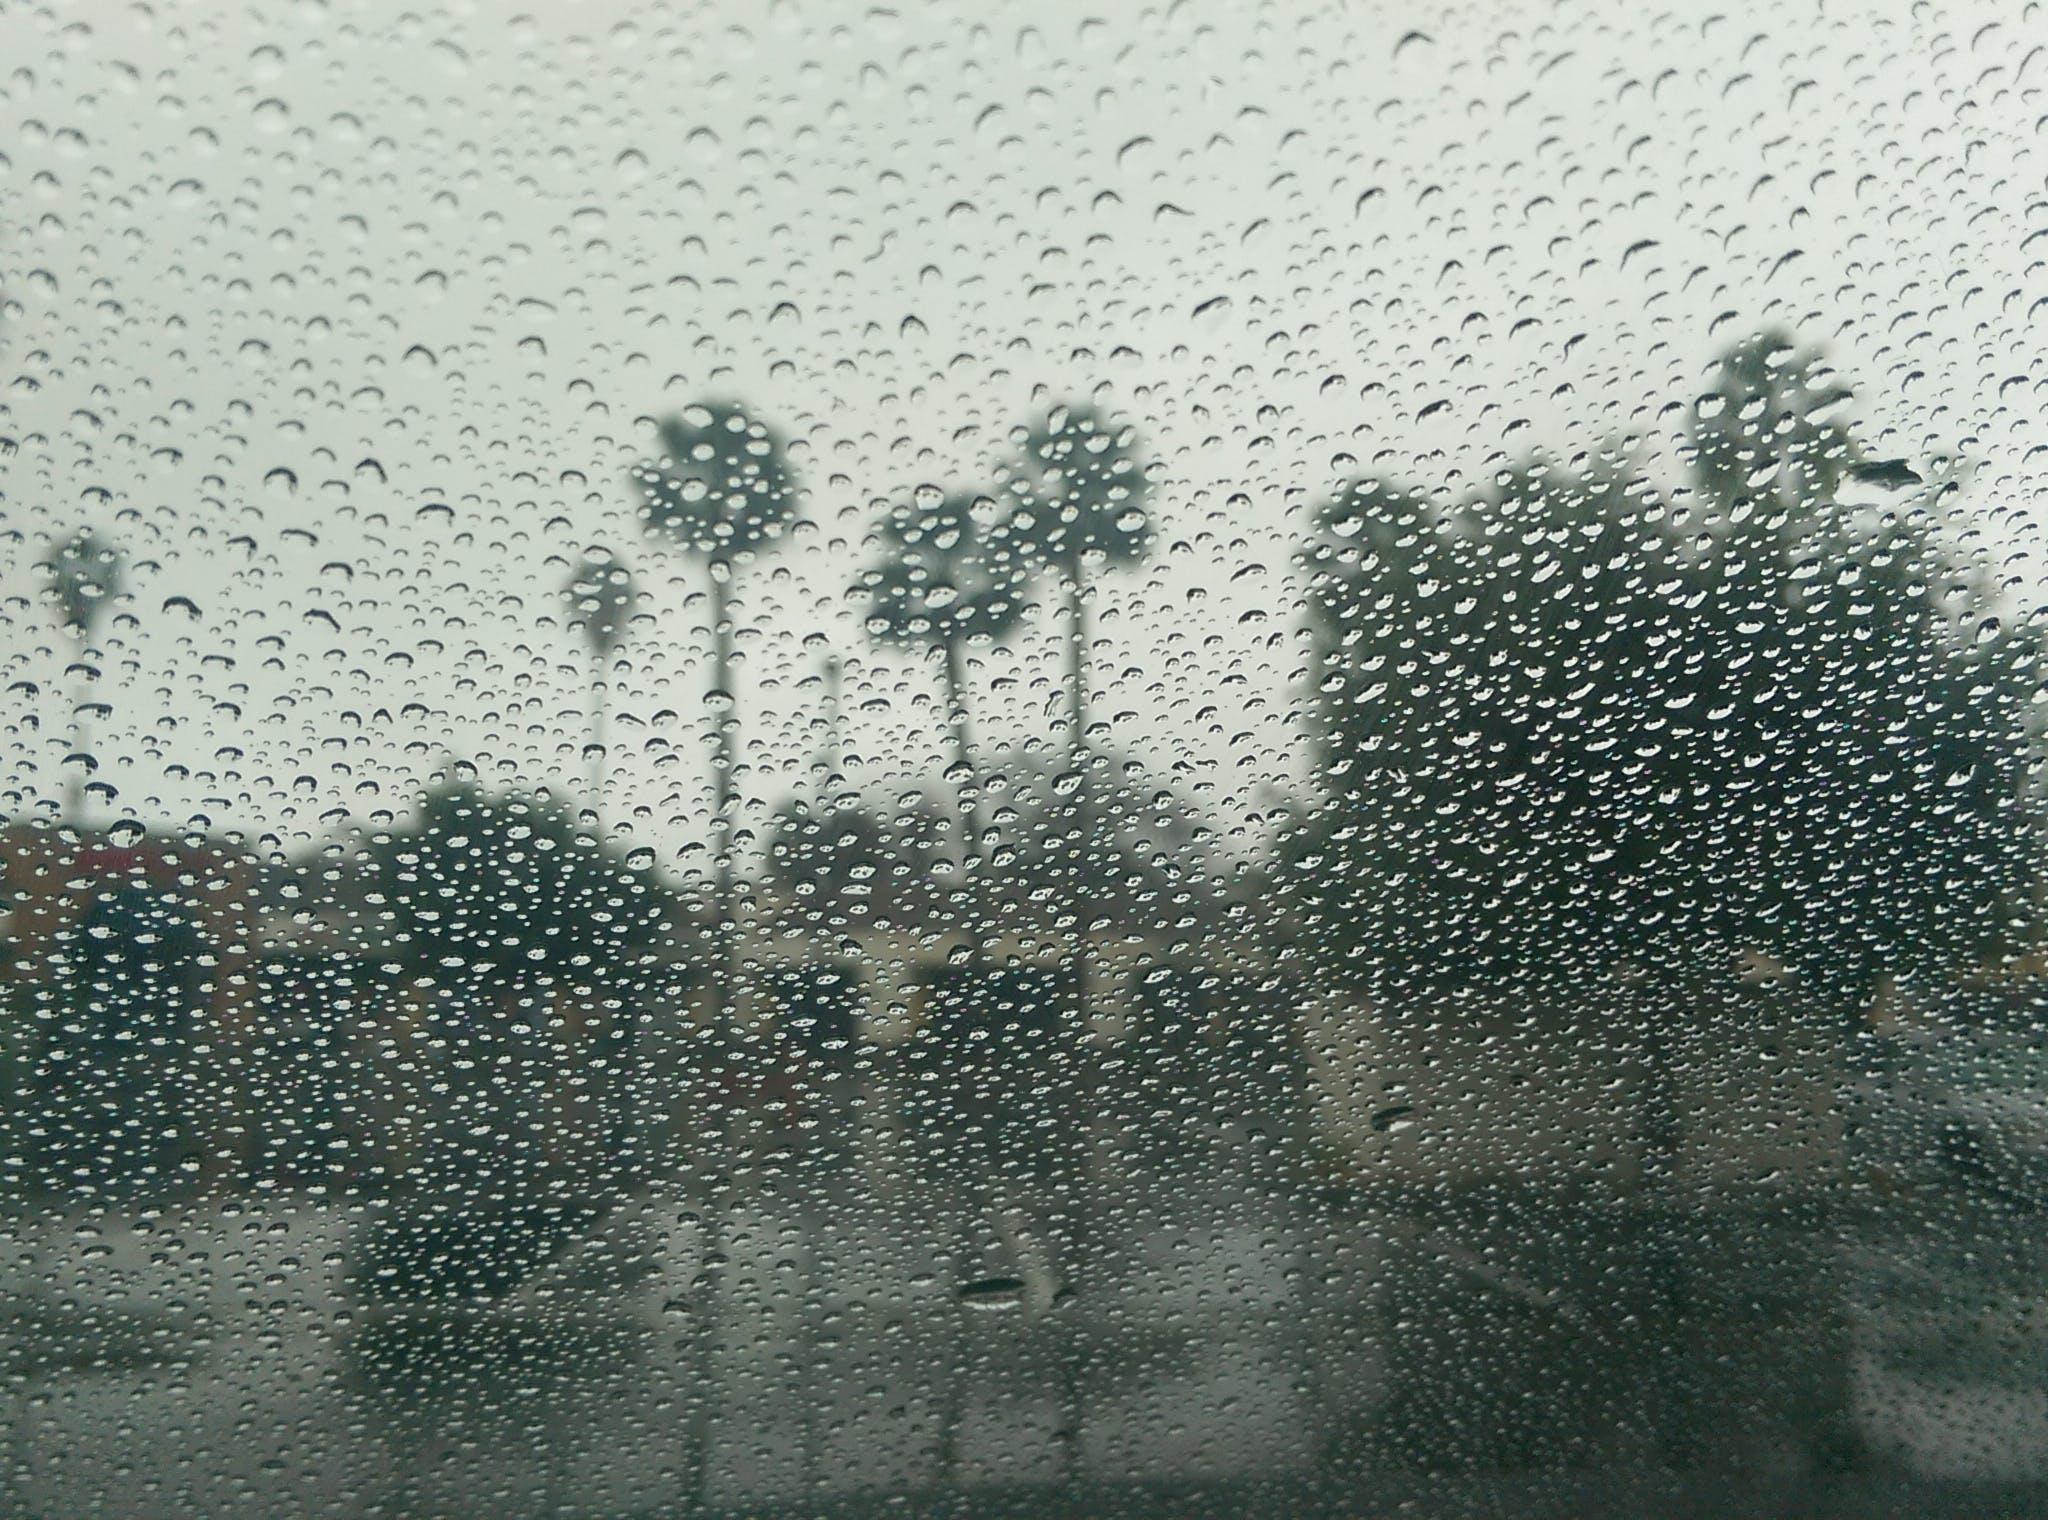 Free stock photo of palm trees, rain, rainy day, winter